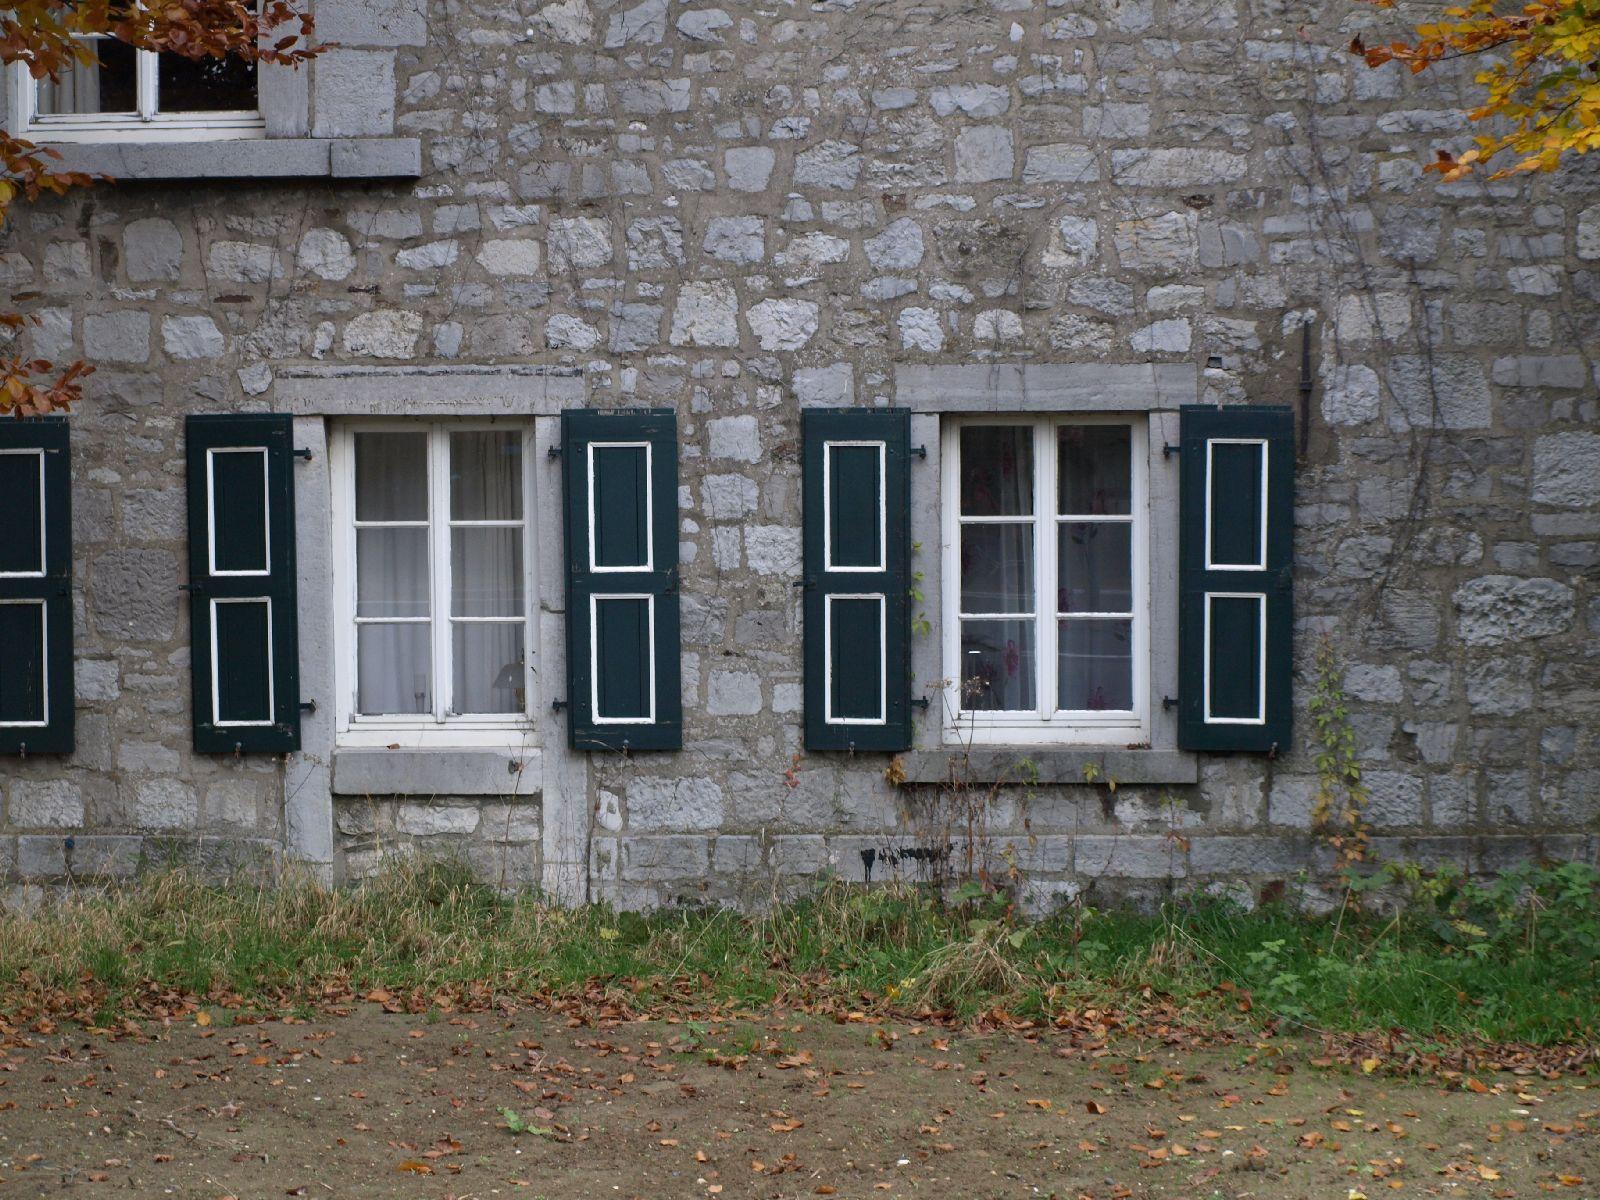 Building_Texture_A_PB026412